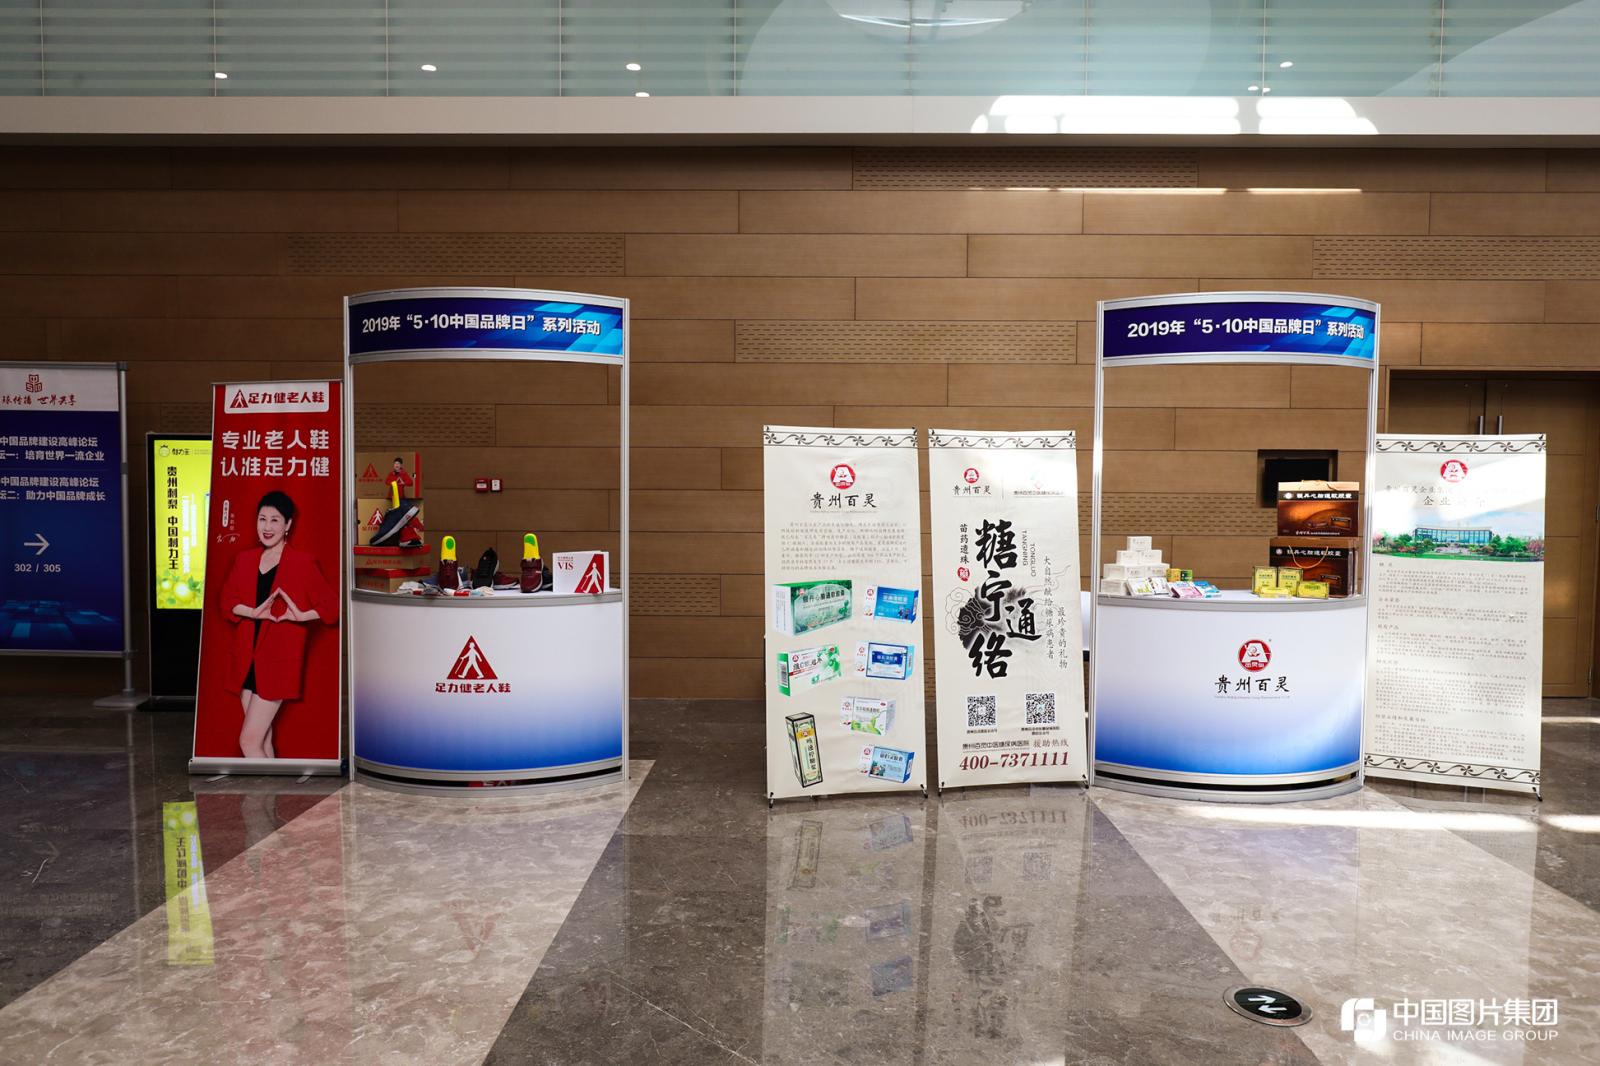 2019中国品牌价值评价信息发布暨中国品牌建设高峰论坛现场